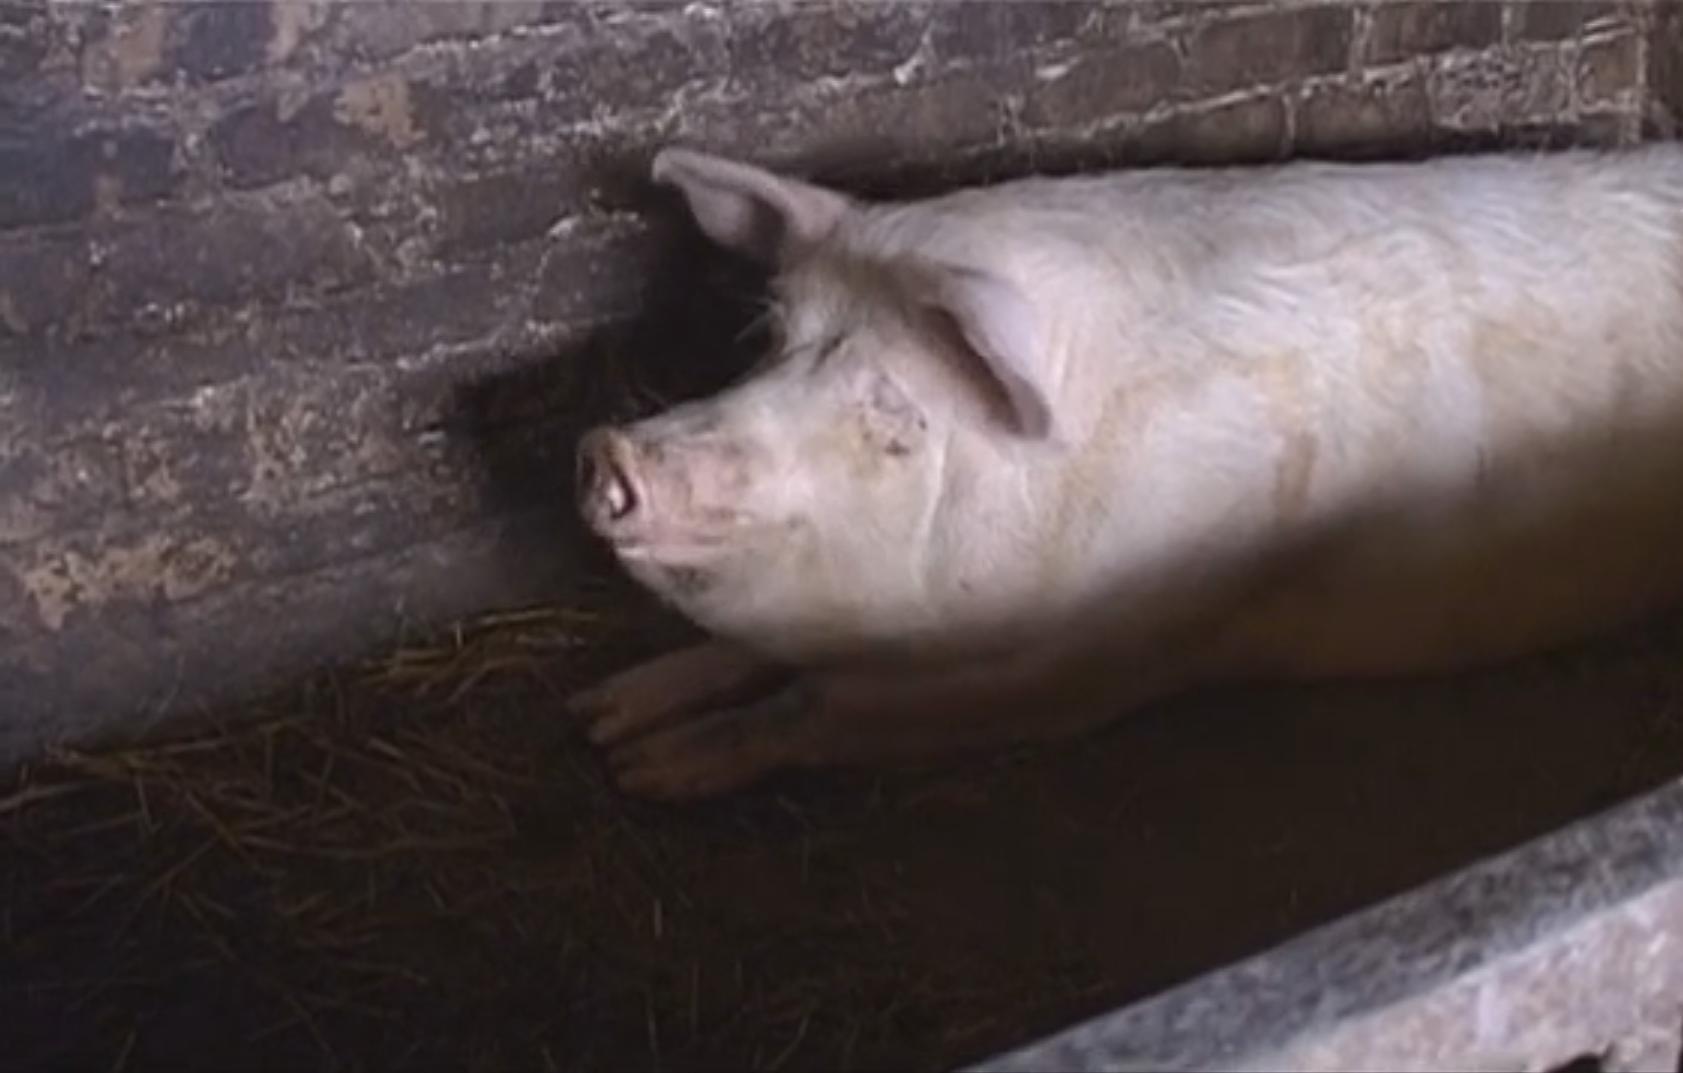 Par dzīvnieku labturības pārkāpumiem draud lopu konfiskācija